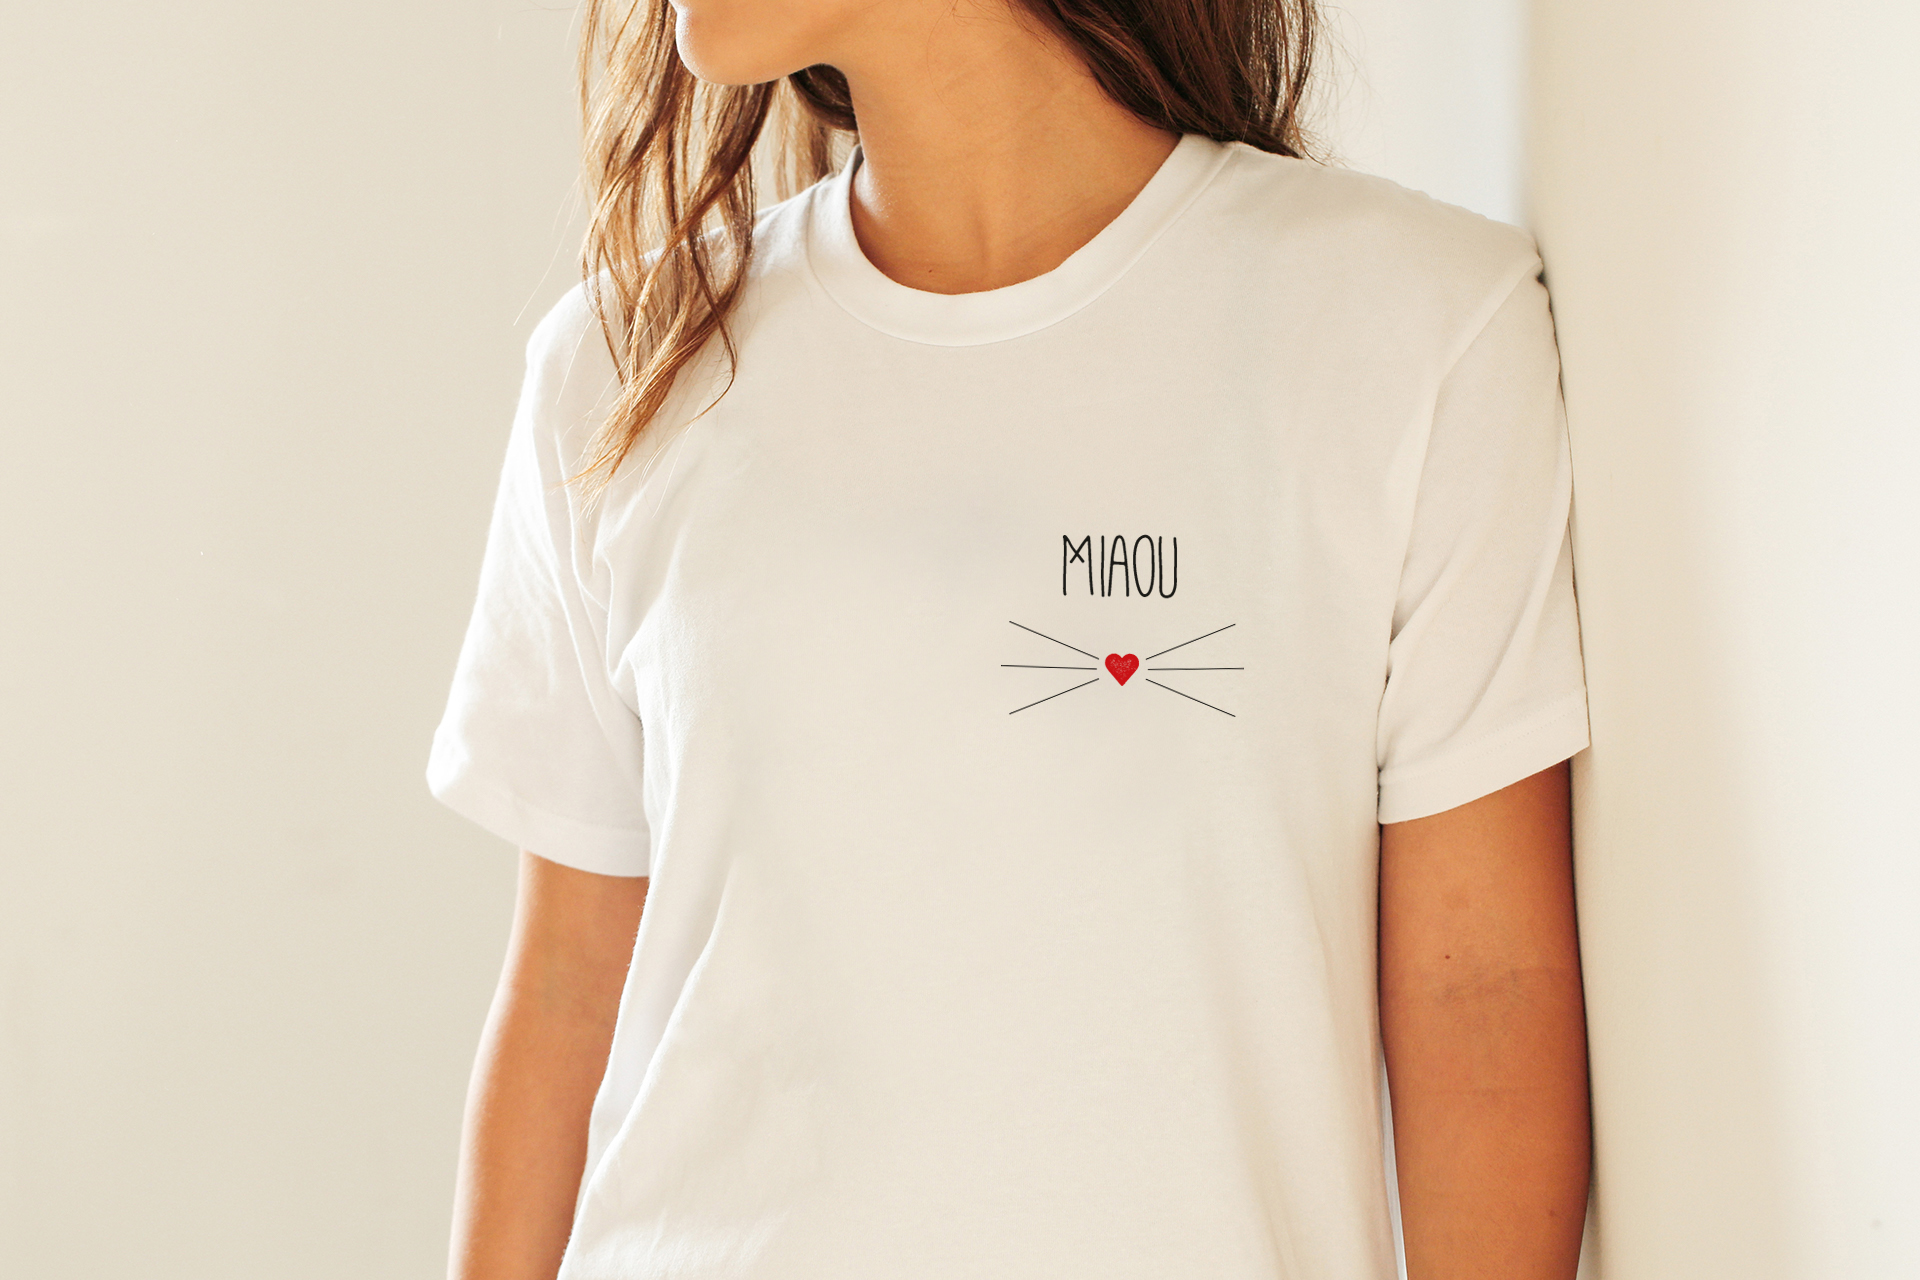 Miaou Petit chat - Fichier de découpe Plotter